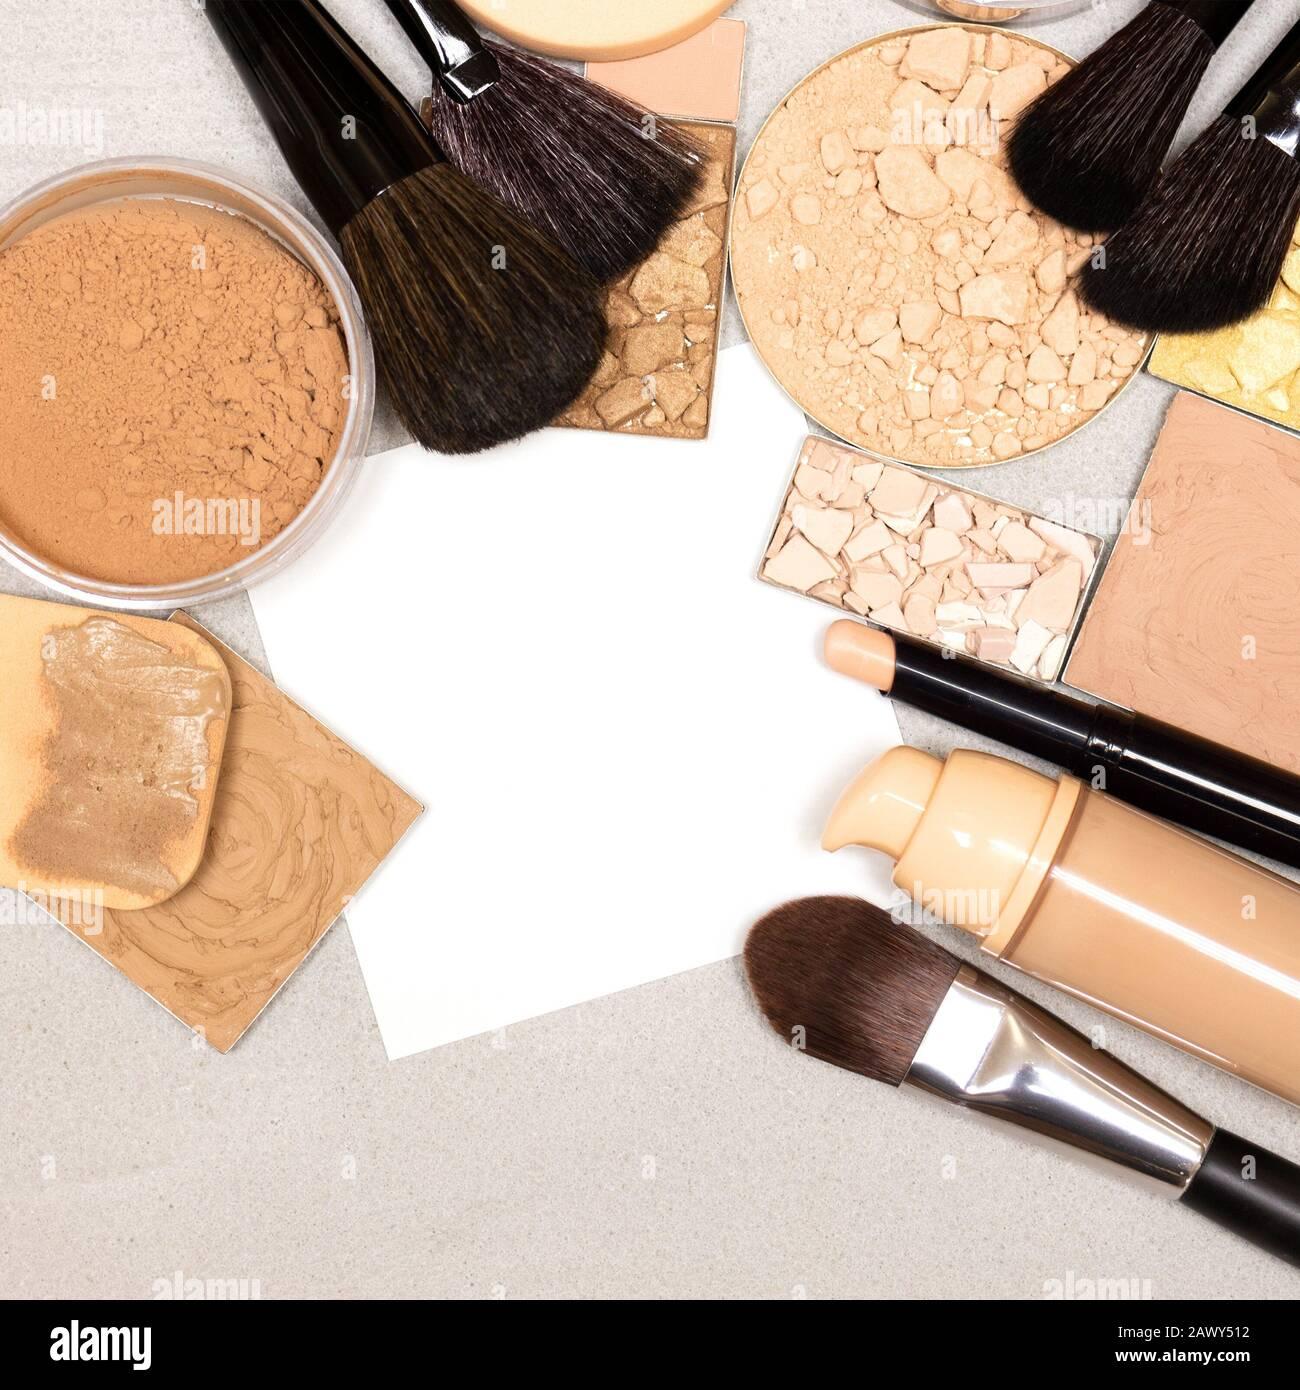 Make-up-Produkte für den Alltag mit leerem weißem Blatt Papier. Konzept der Checkliste für den Einkauf von Kosmetika Stockfoto